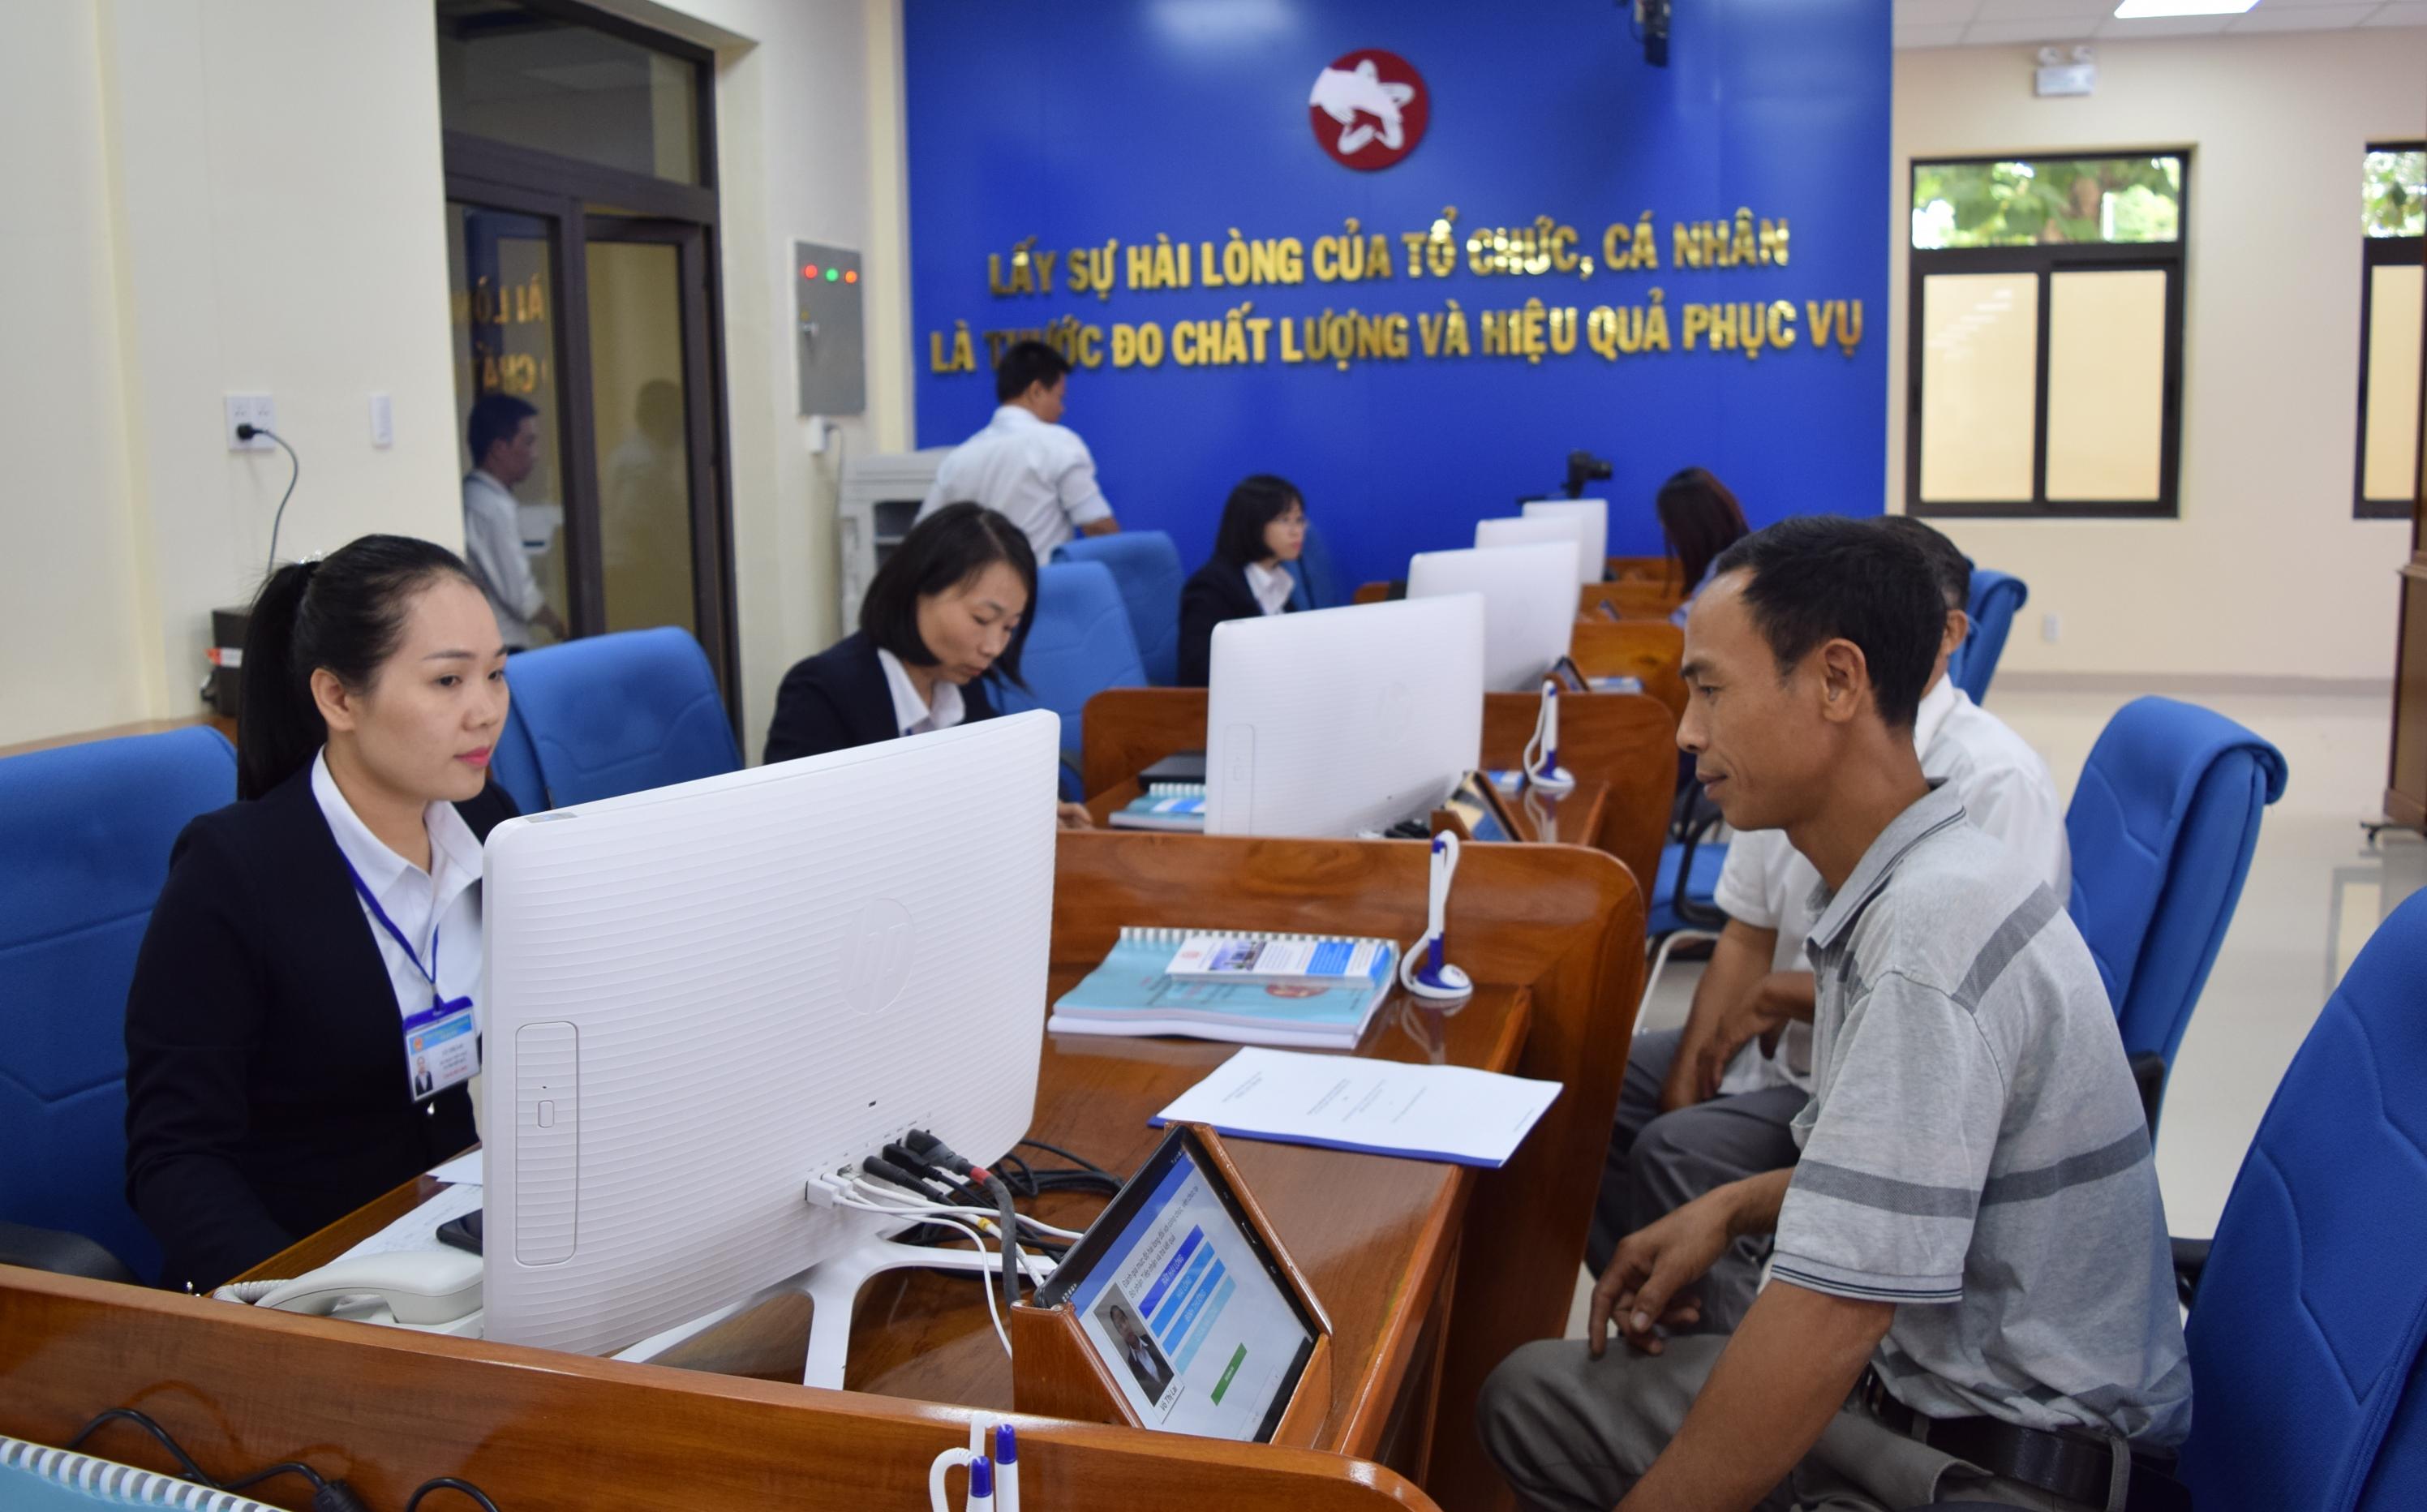 Tiếp nhận và trả kết quả giải quyết thủ tục hành chính các lĩnh vực: Nội vụ, Giáo dục và Đào tạo, Tài chính, Tư pháp tại Trung tâm Phục vụ hành chính công tỉnh.